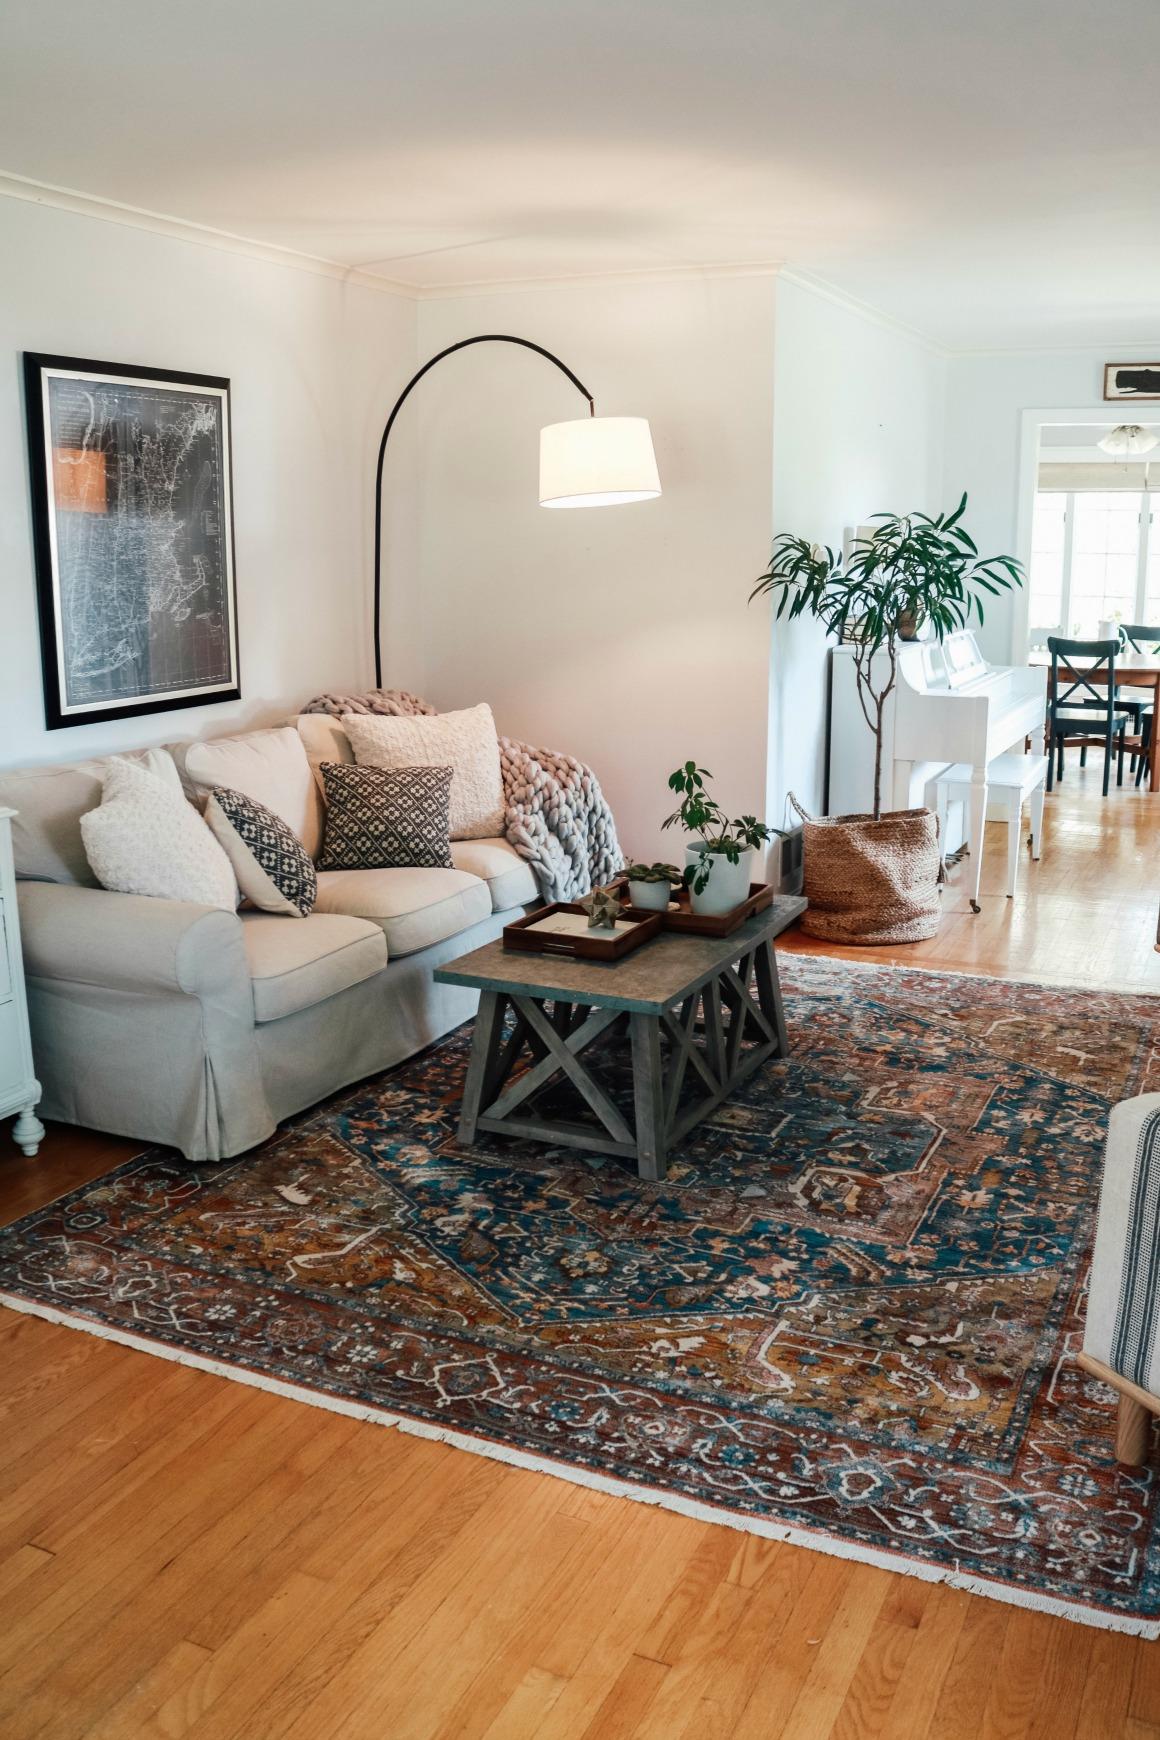 Living Room Transformation